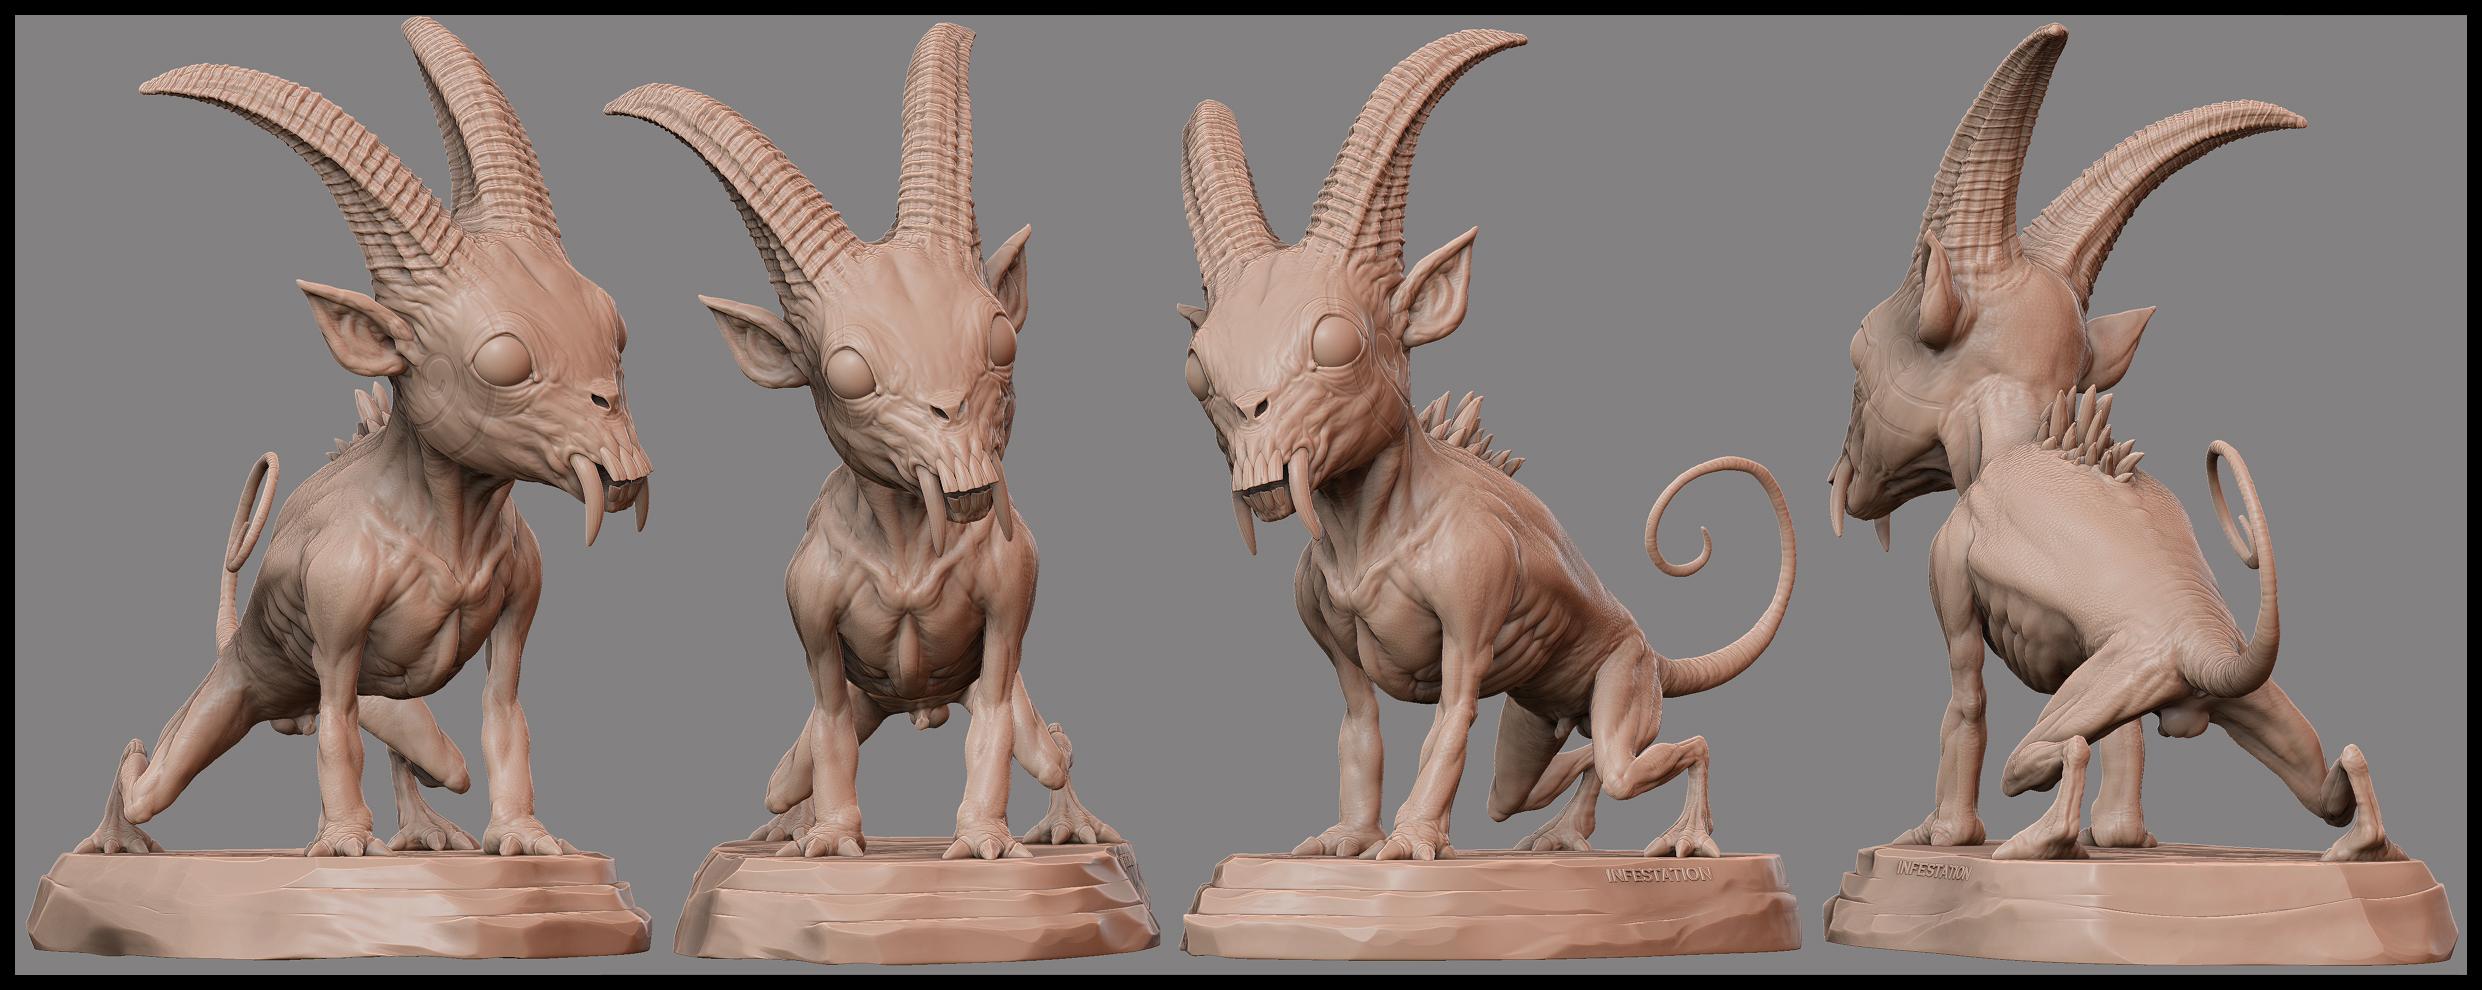 infestation_sculpt.jpg